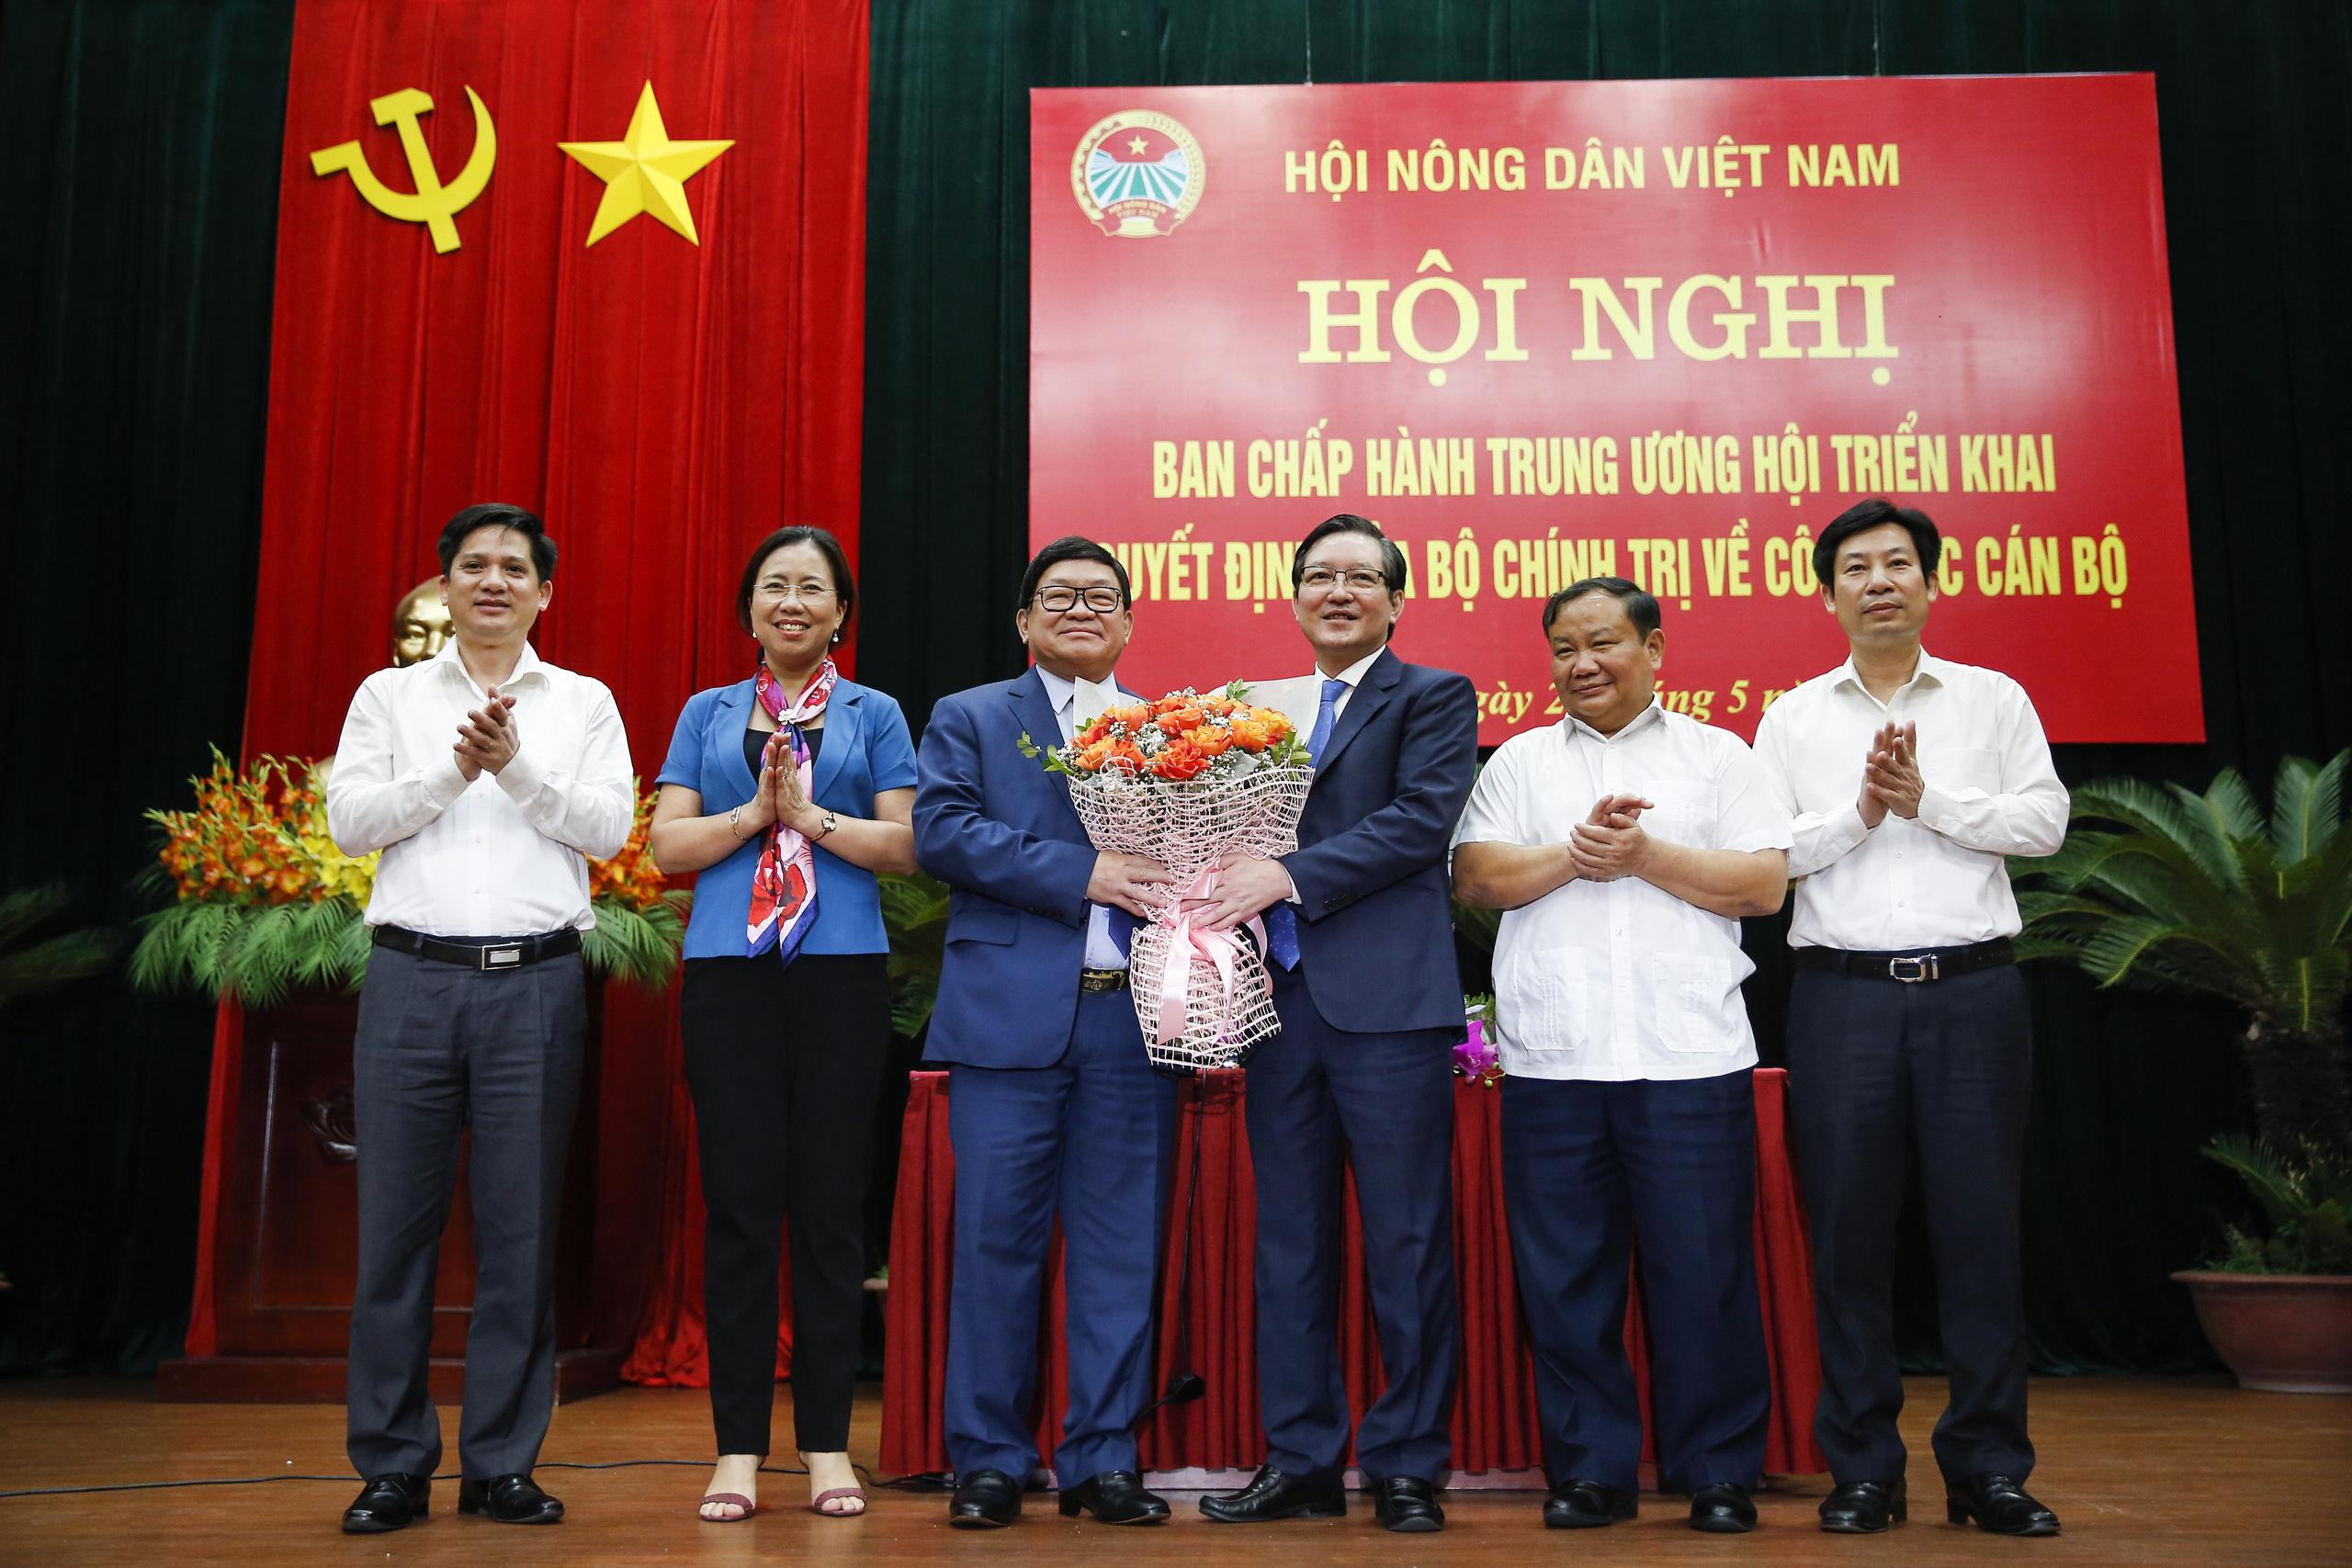 Ông Lương Quốc Đoàn được bầu giữ chức Chủ tịch Hội Nông dân Việt Nam - Ảnh 5.